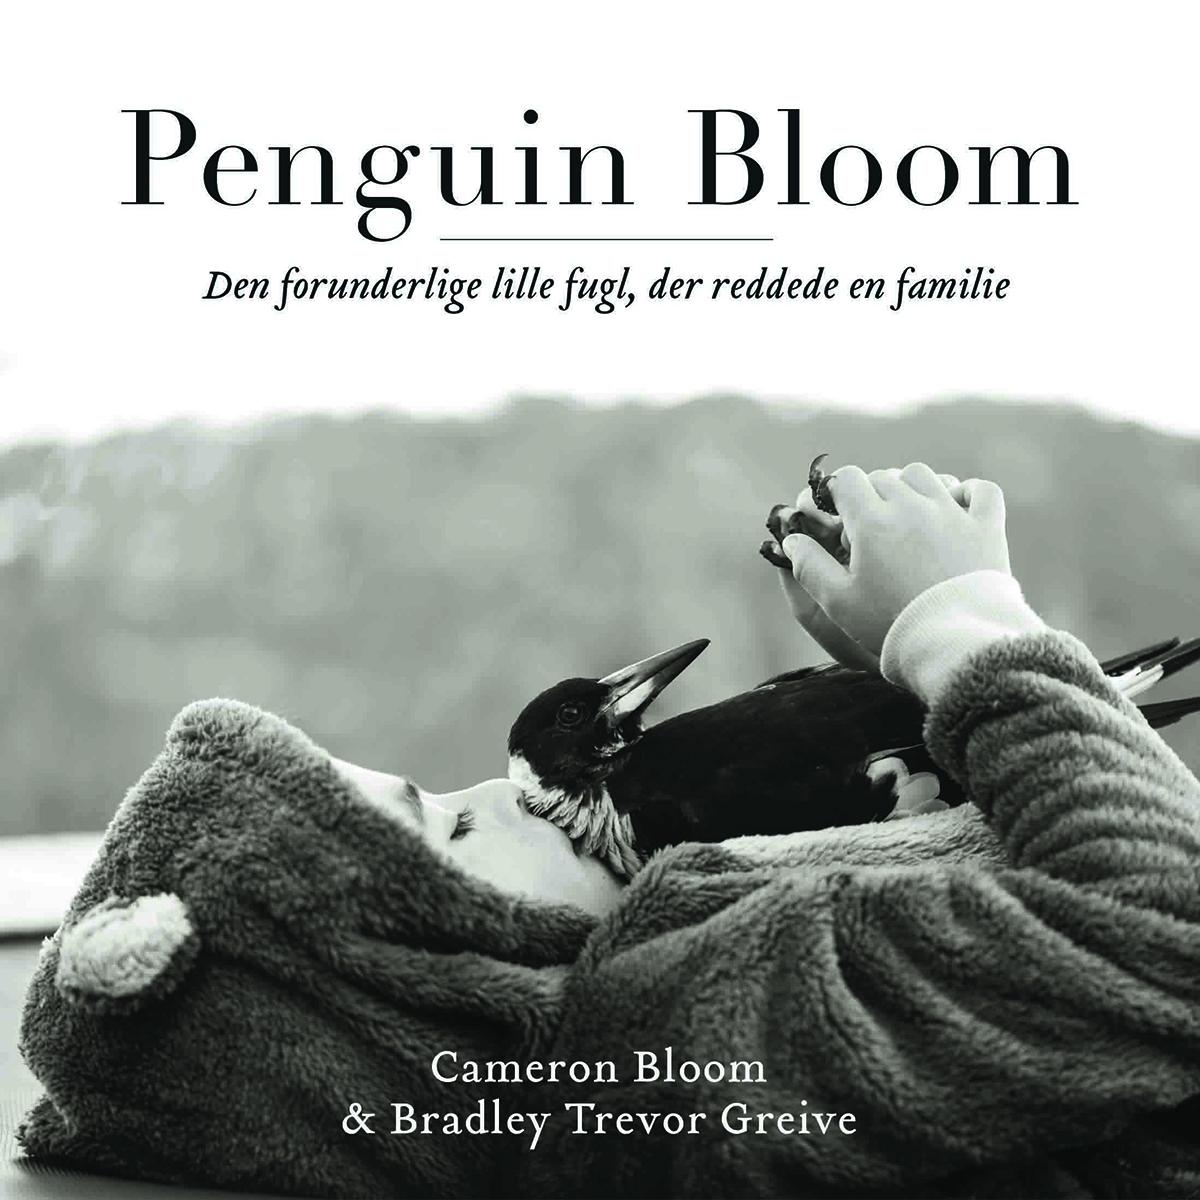 Penguin Bloom - Indbundet